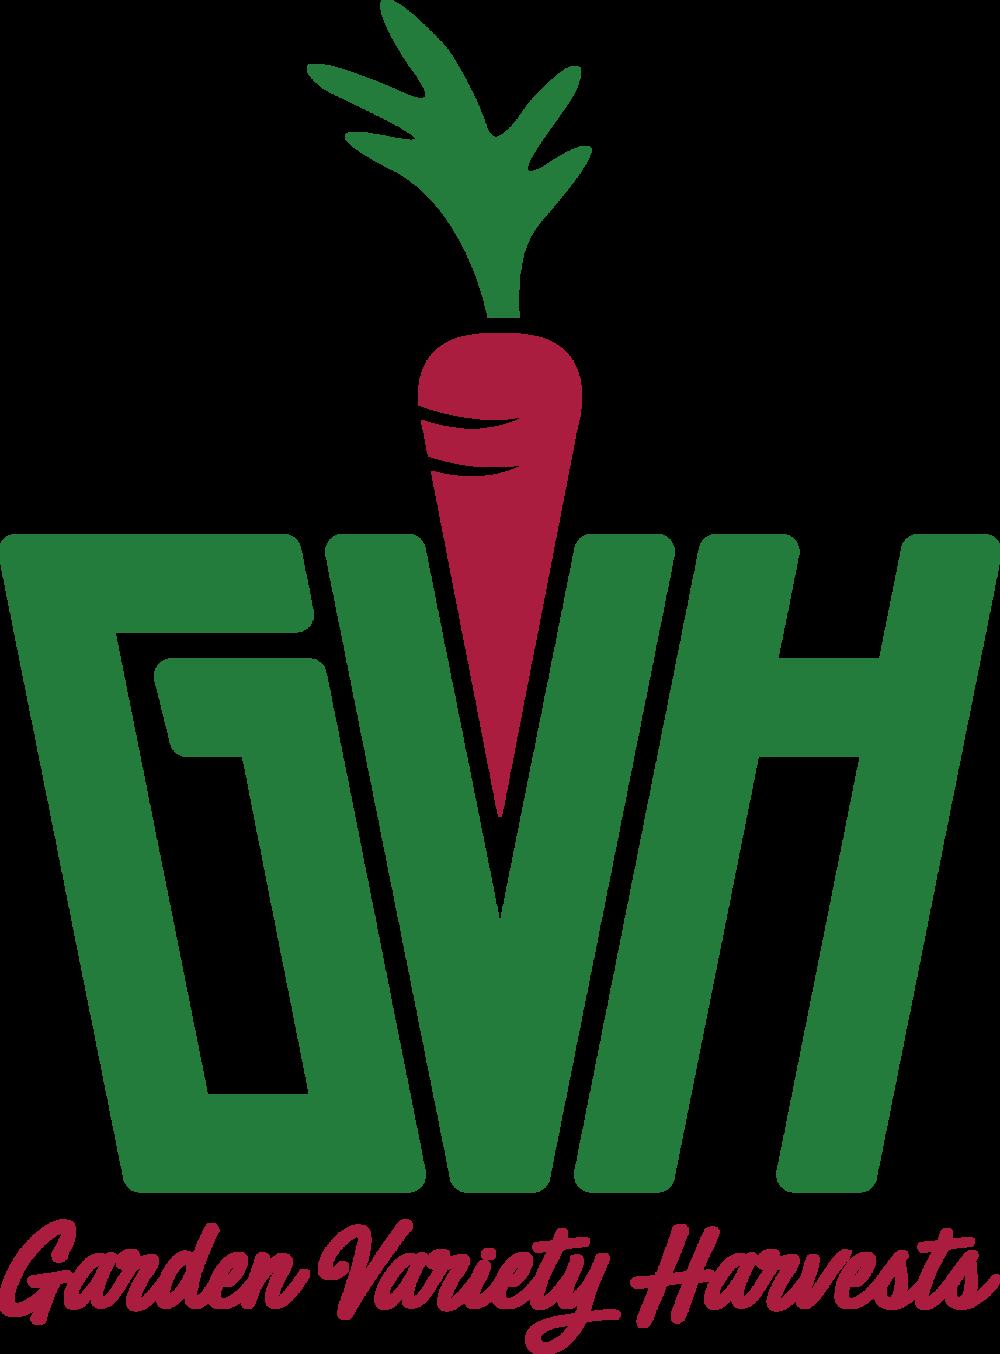 gvh_logo_300px.png